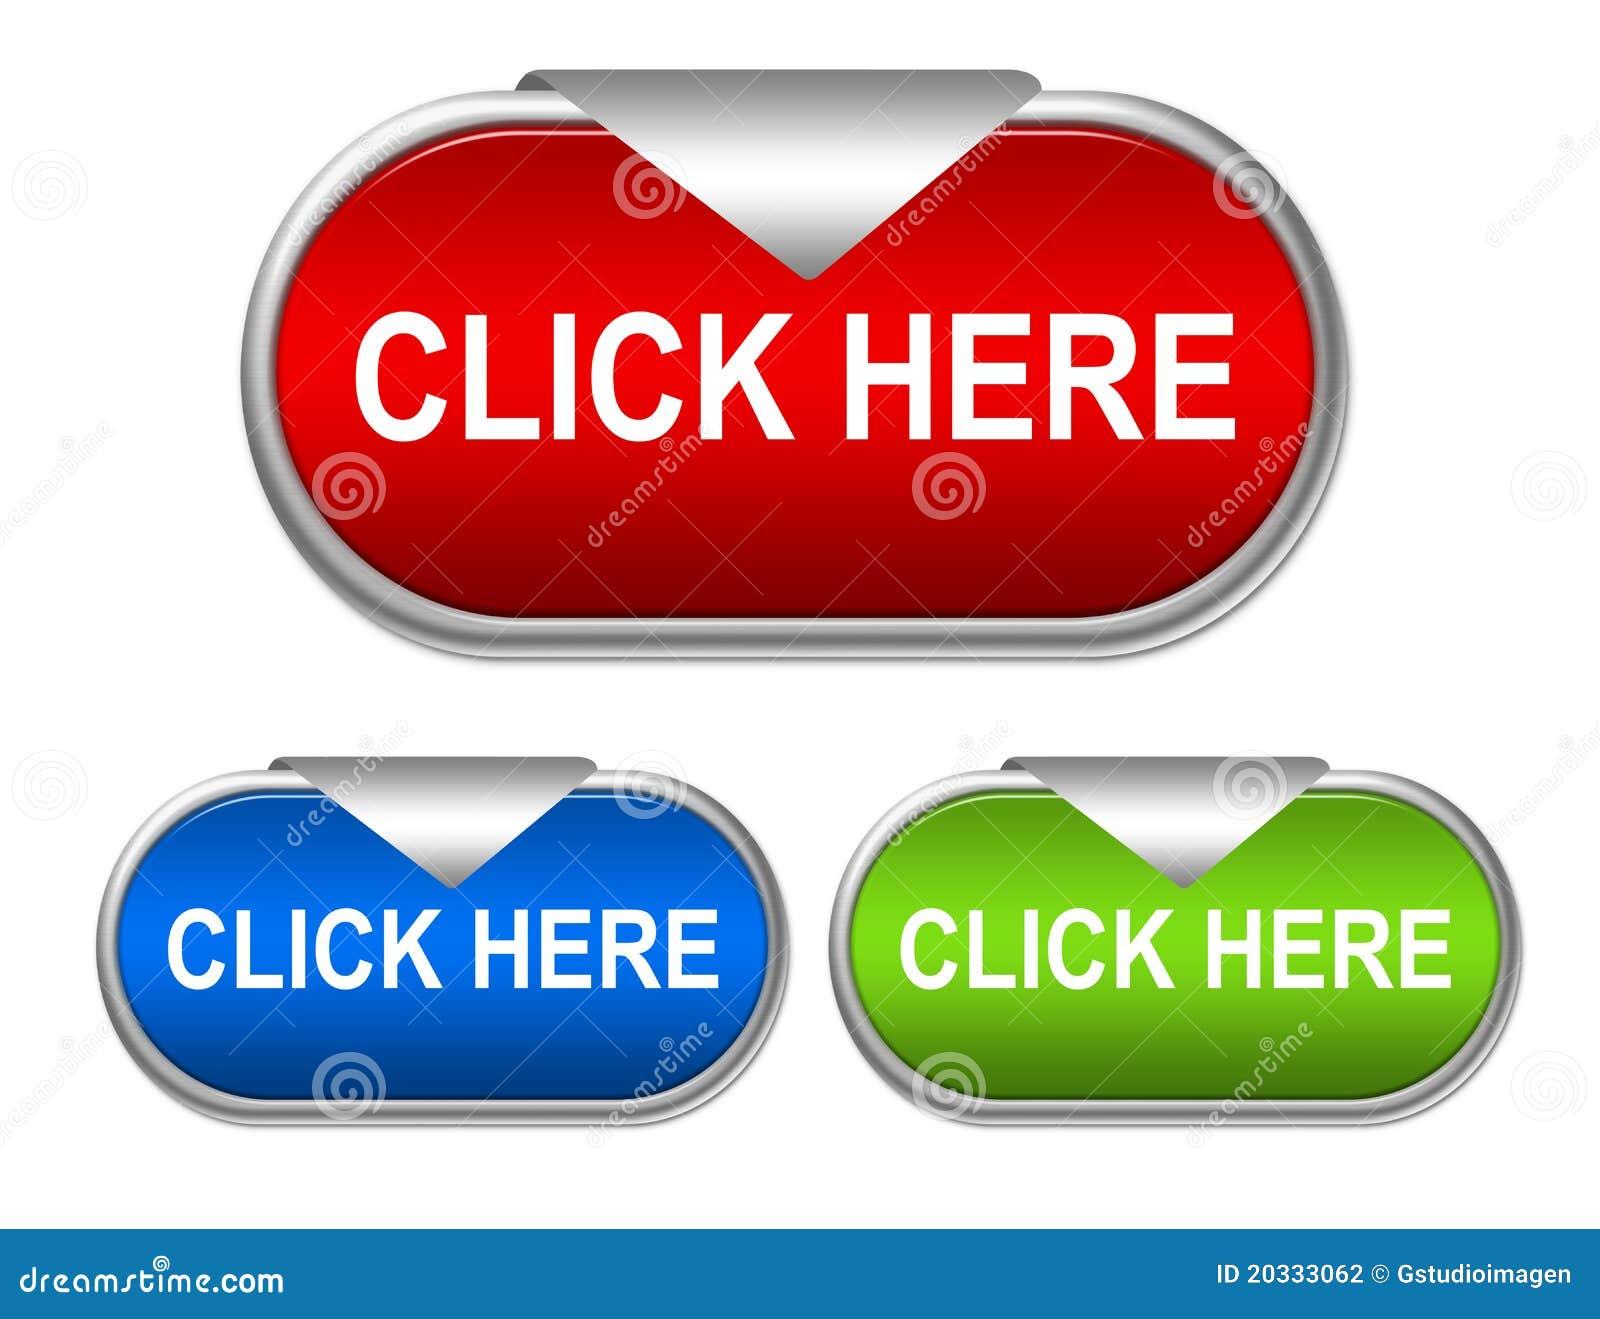 click here button stock illustration image of design 20333062. Black Bedroom Furniture Sets. Home Design Ideas